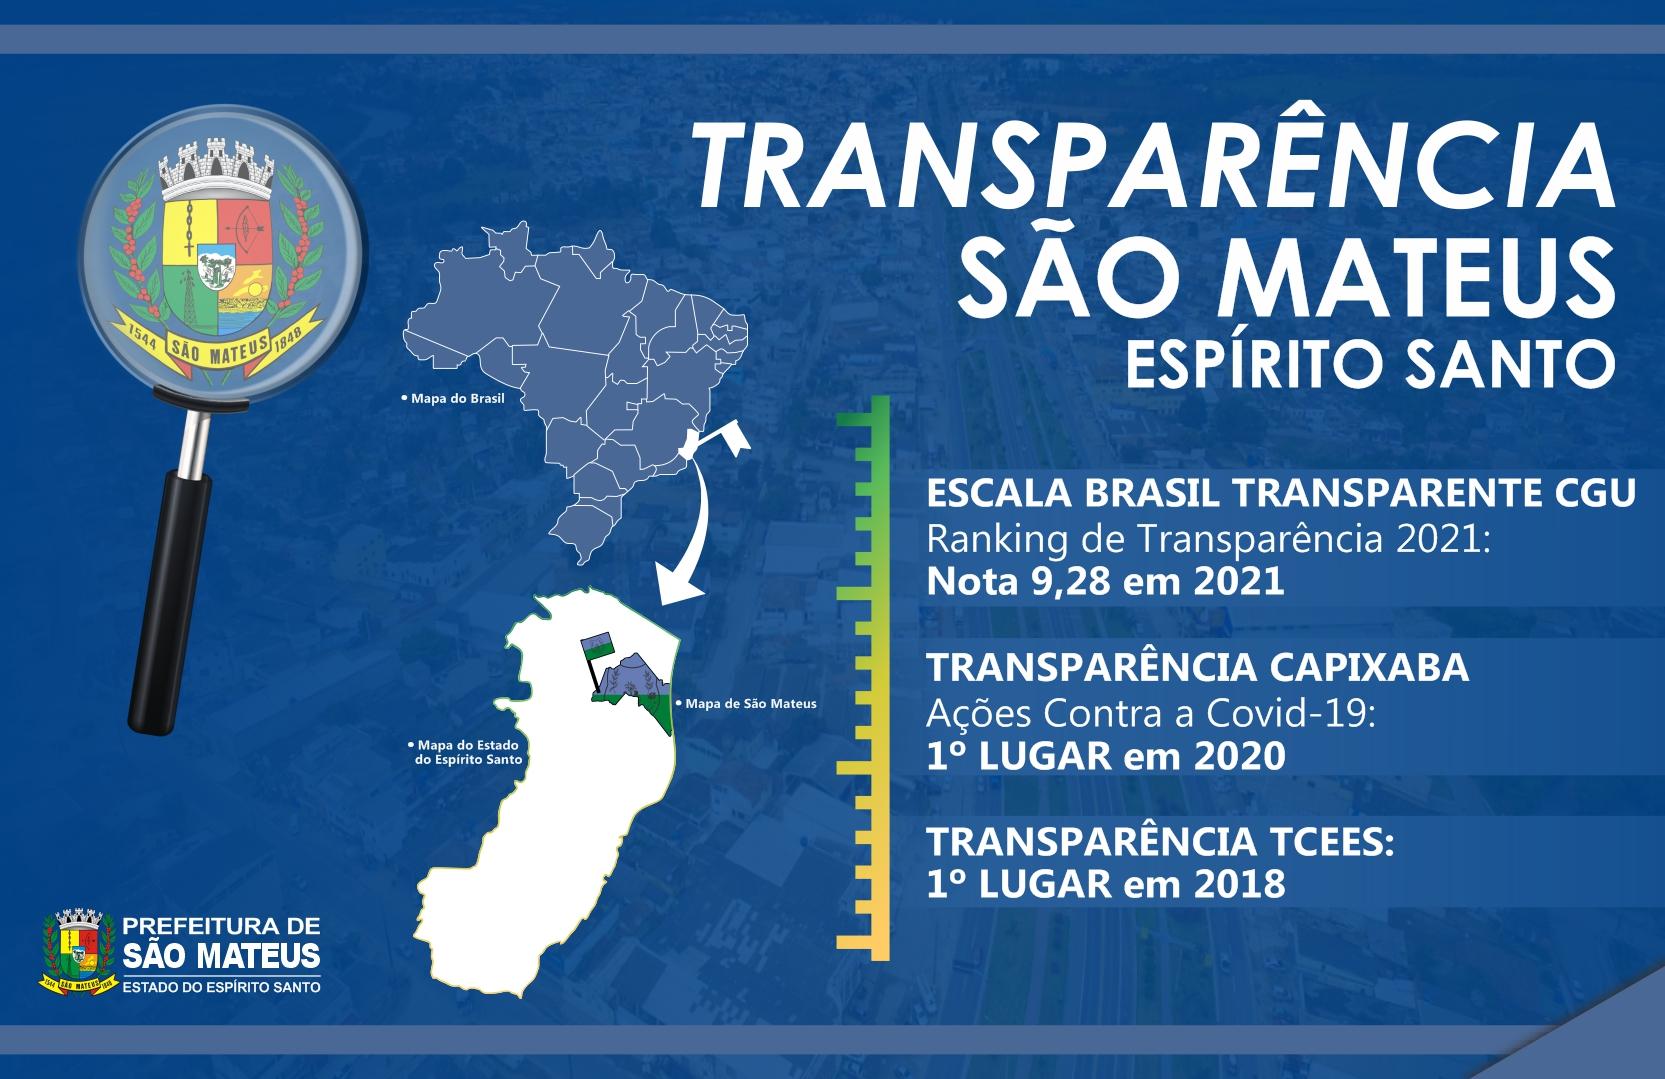 AÇÕES DO GOVERNO MUNICIPAL COLOCA SÃO MATEUS ENTRE OS MUNICÍPIOS MAIS TRANSPARENTES DO BRASIL